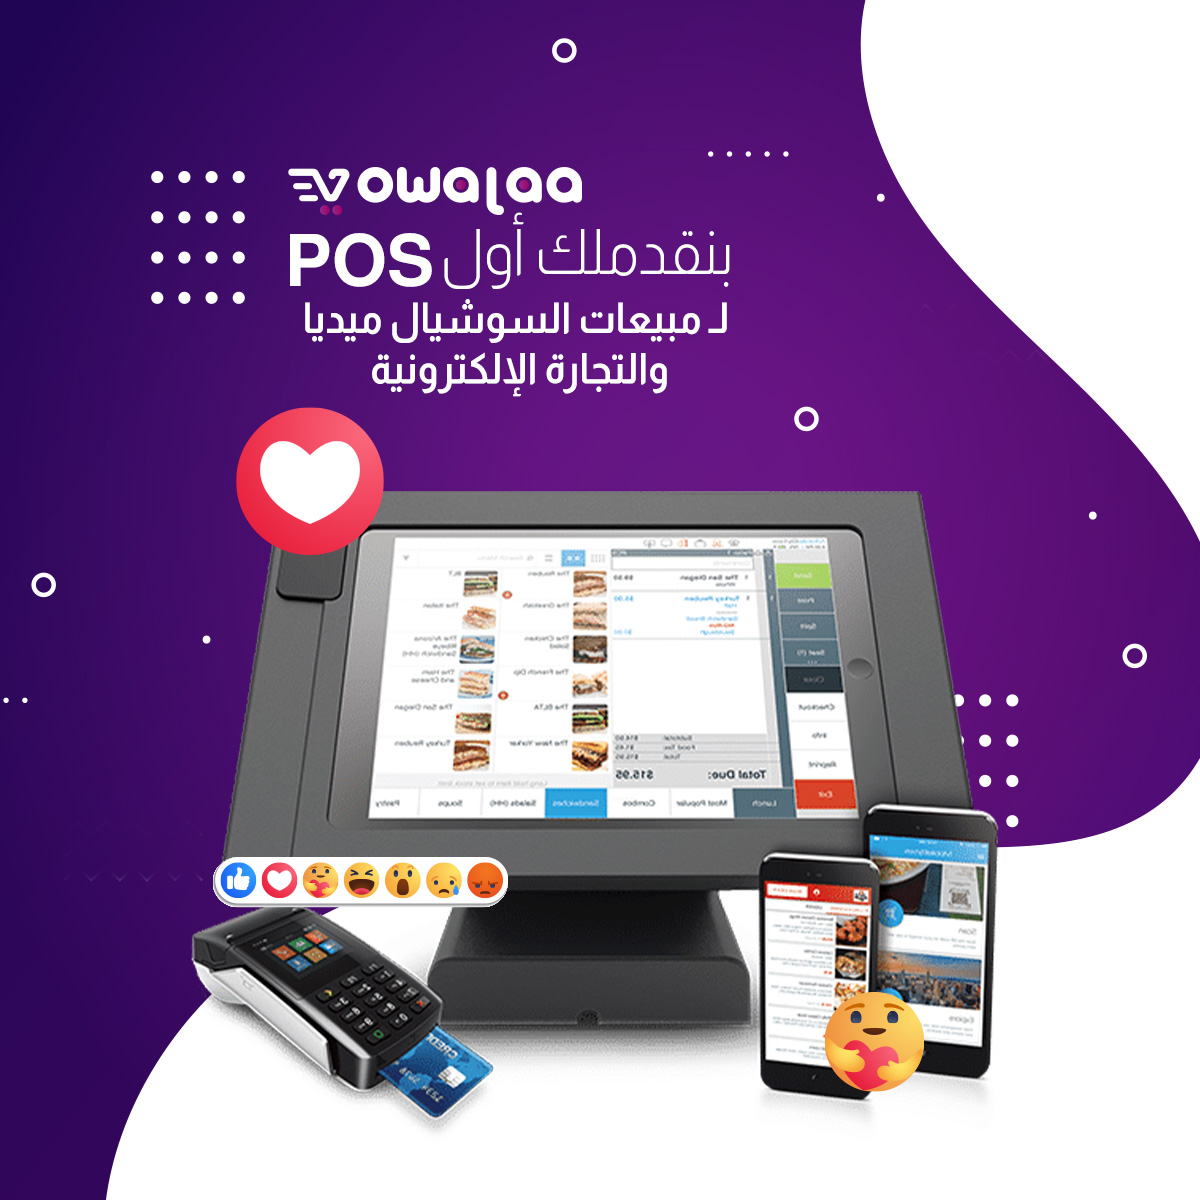 بنقدملك أفضل نظام POS لـ مبيعات السوشيال ميديا والتجارة الإلكترونية